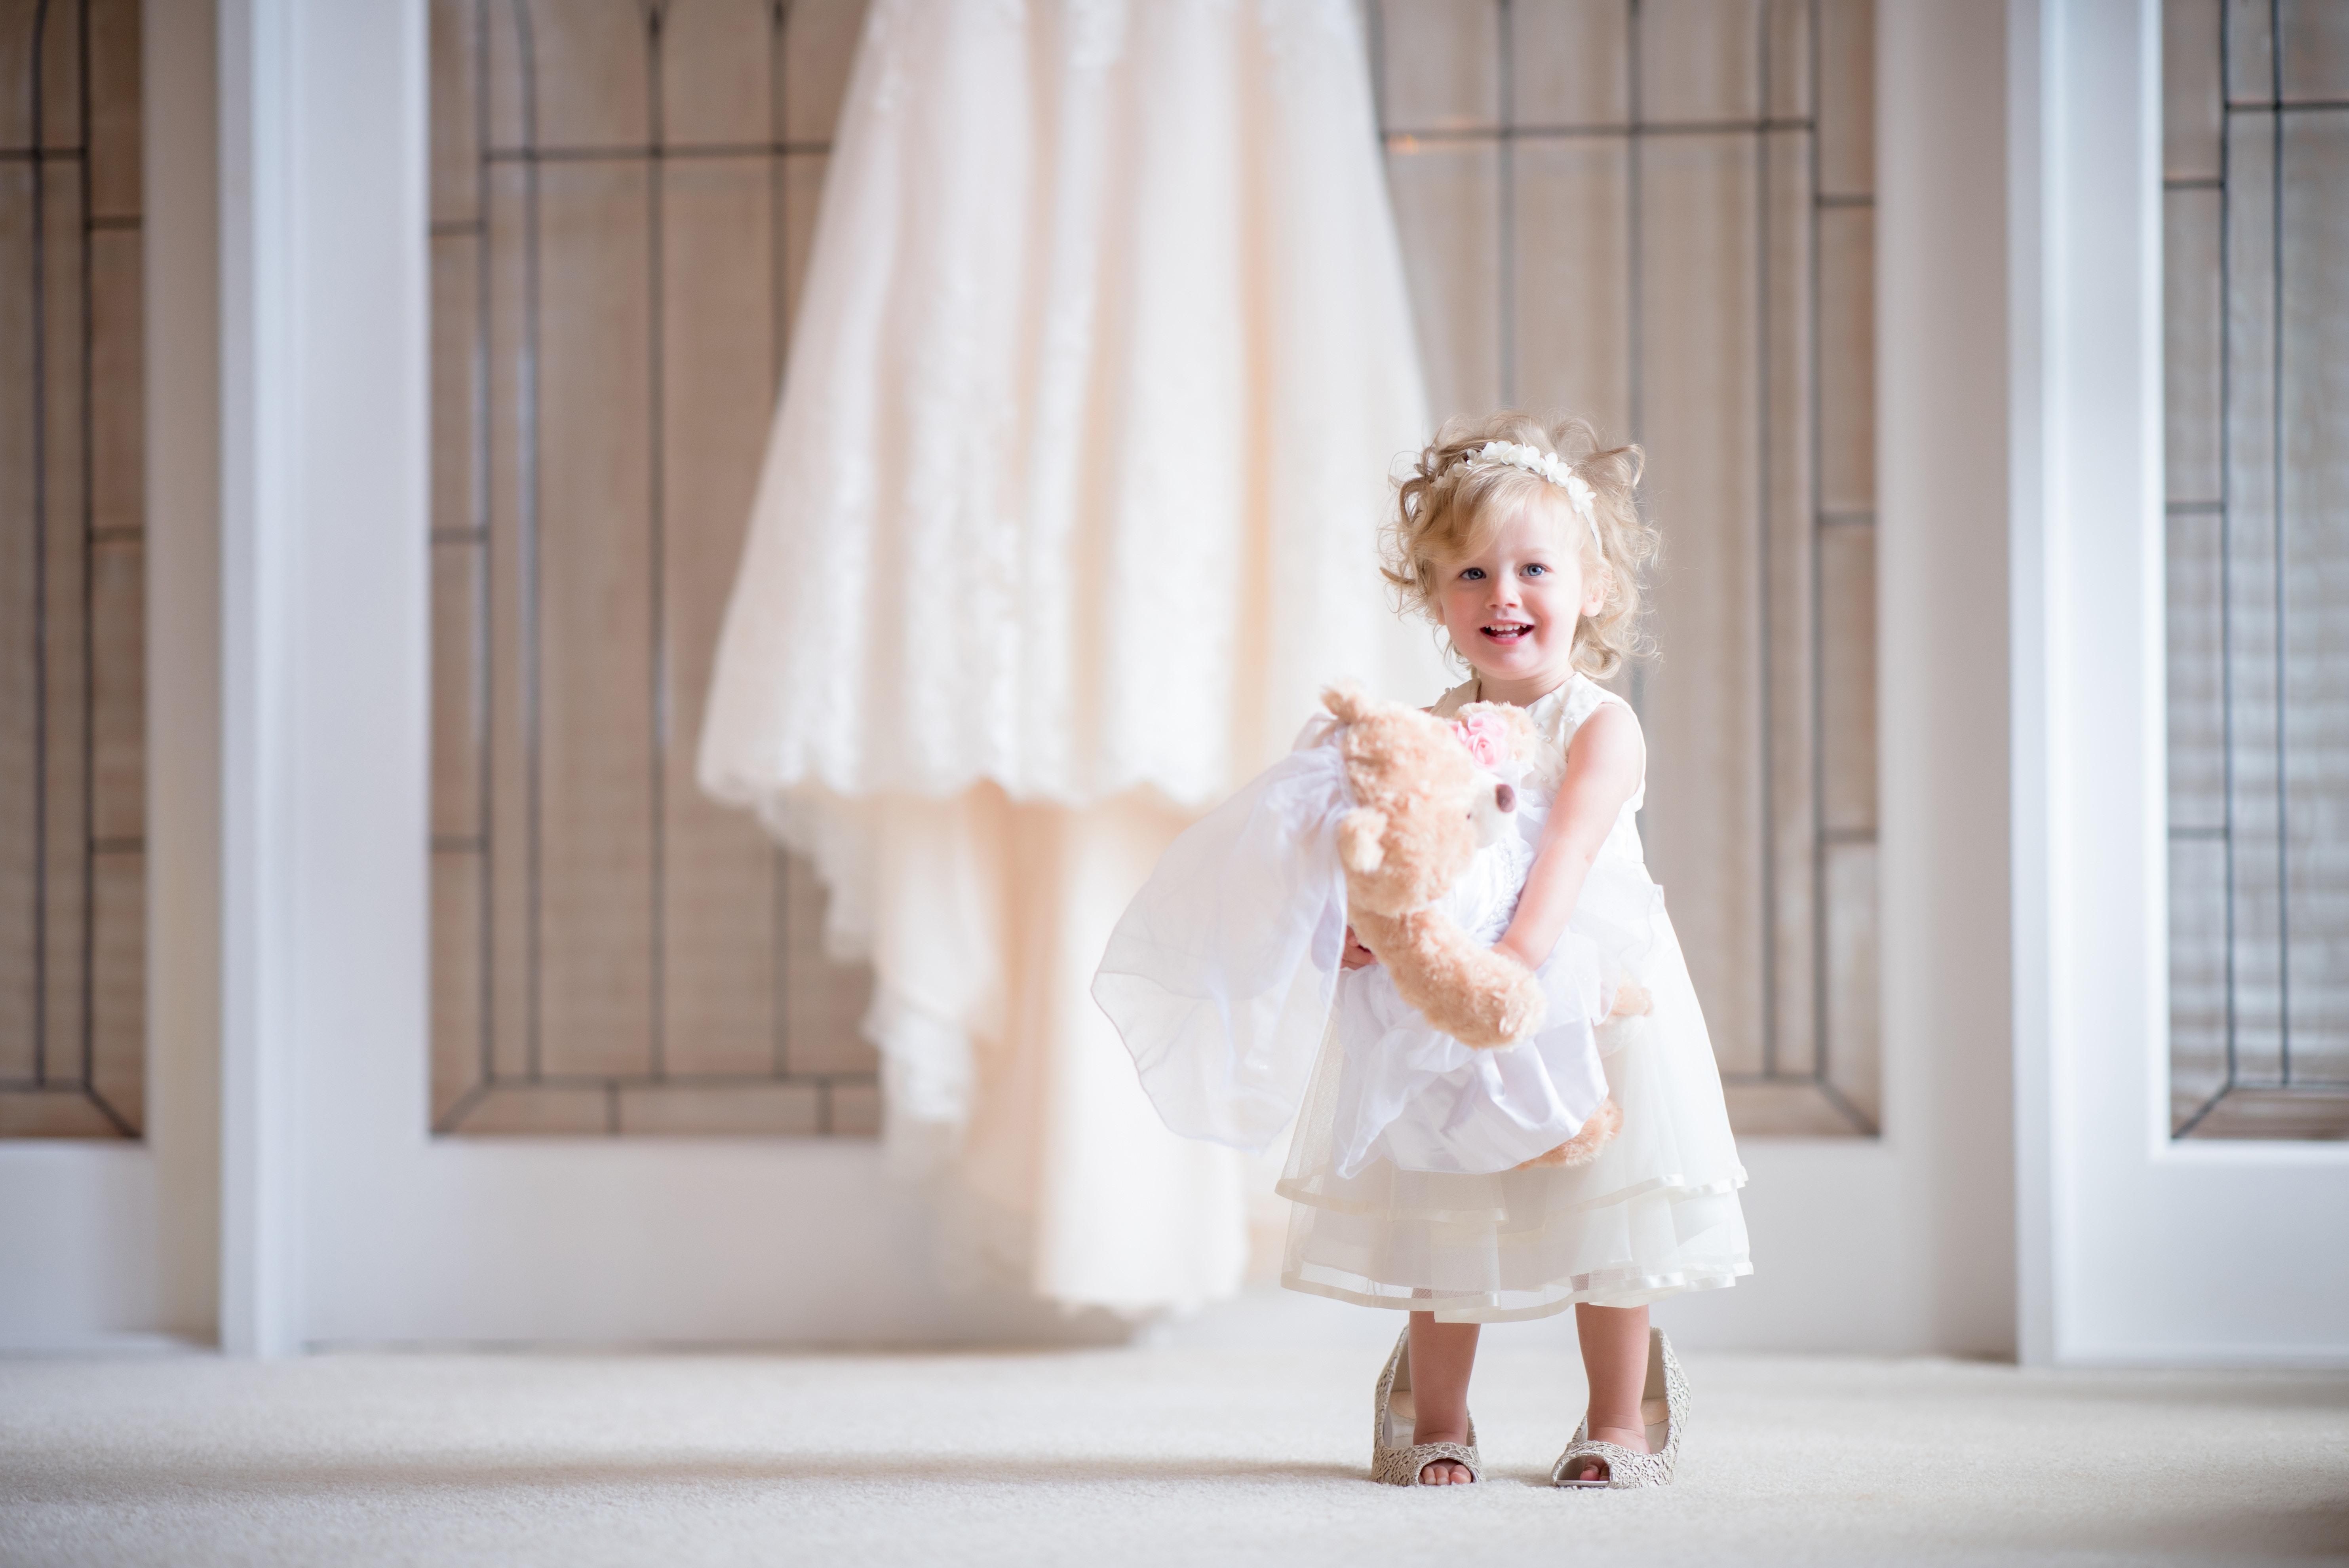 539057bd482d talár fotografie svadobné šaty svadobné oblečenie nevesta šaty dievča  vrchné odevy textilné rameno kvetinárka fotenie svadobné